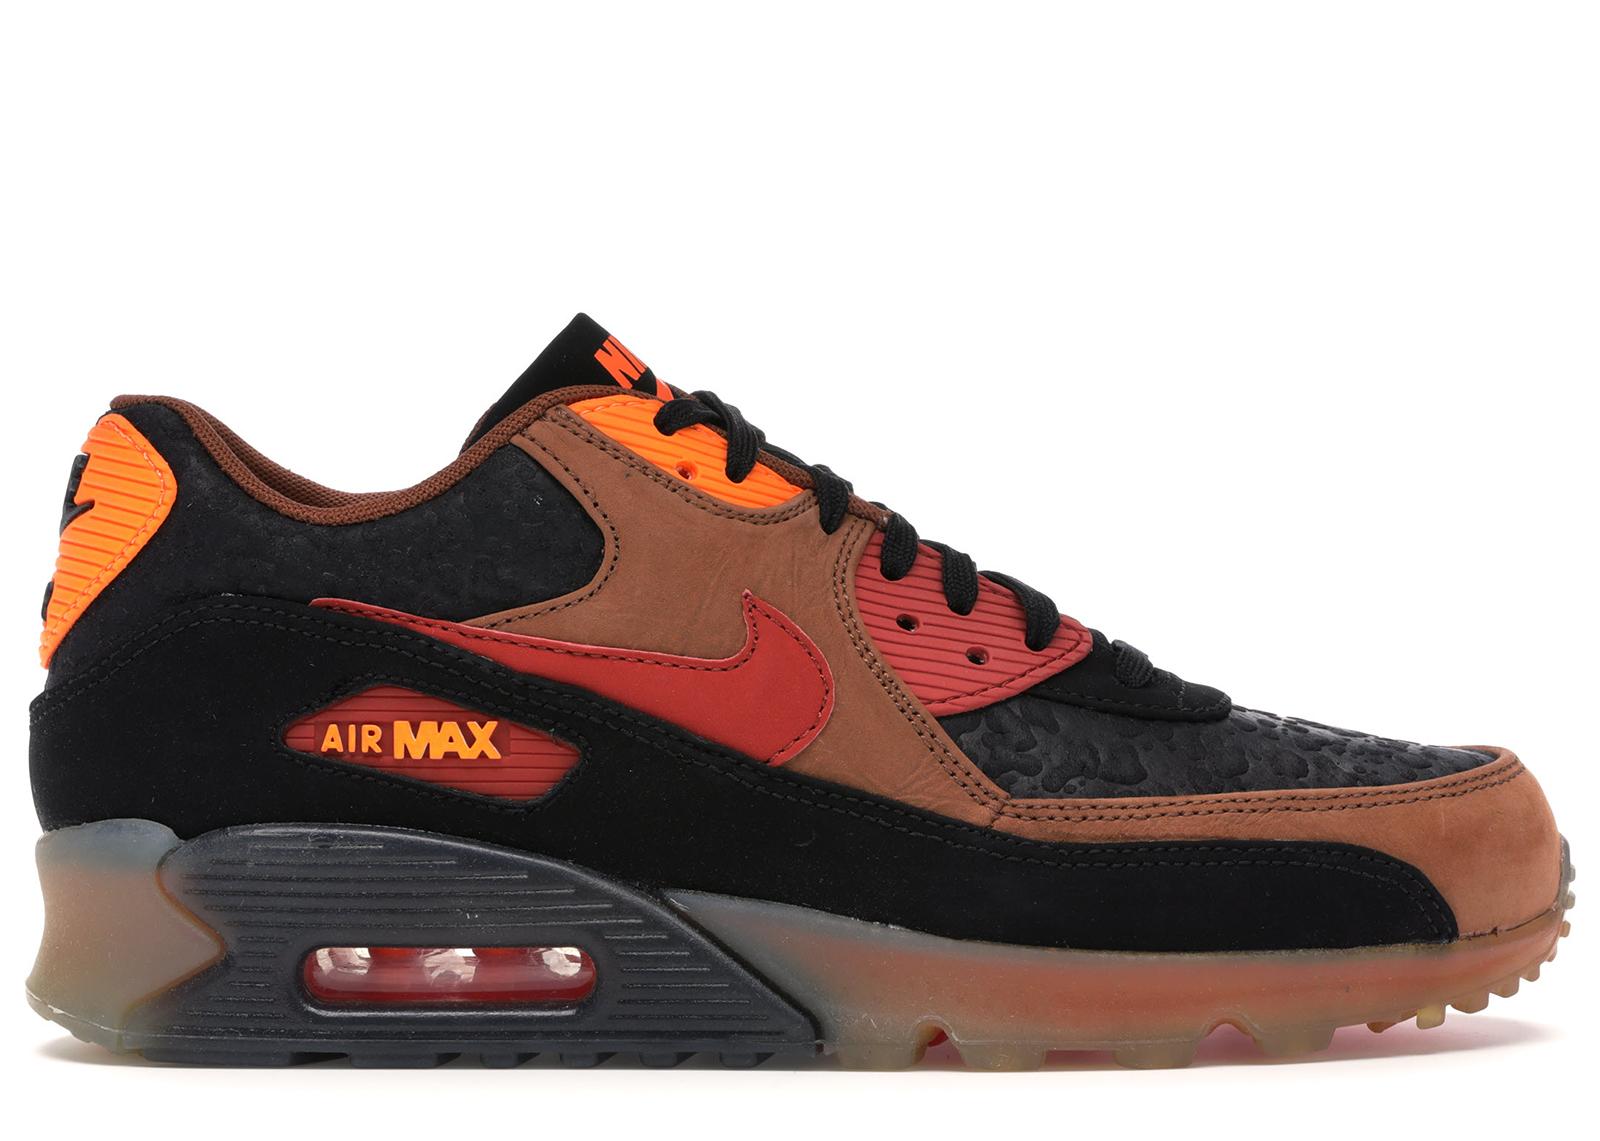 Nike Air Max 90 Halloween (2014) - 717942-006